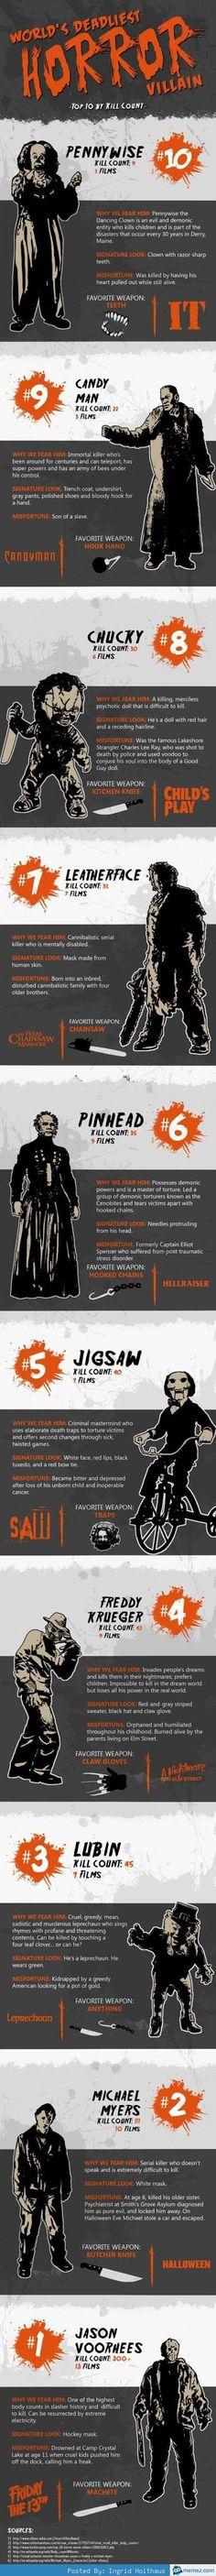 Top 10 horror movie villians